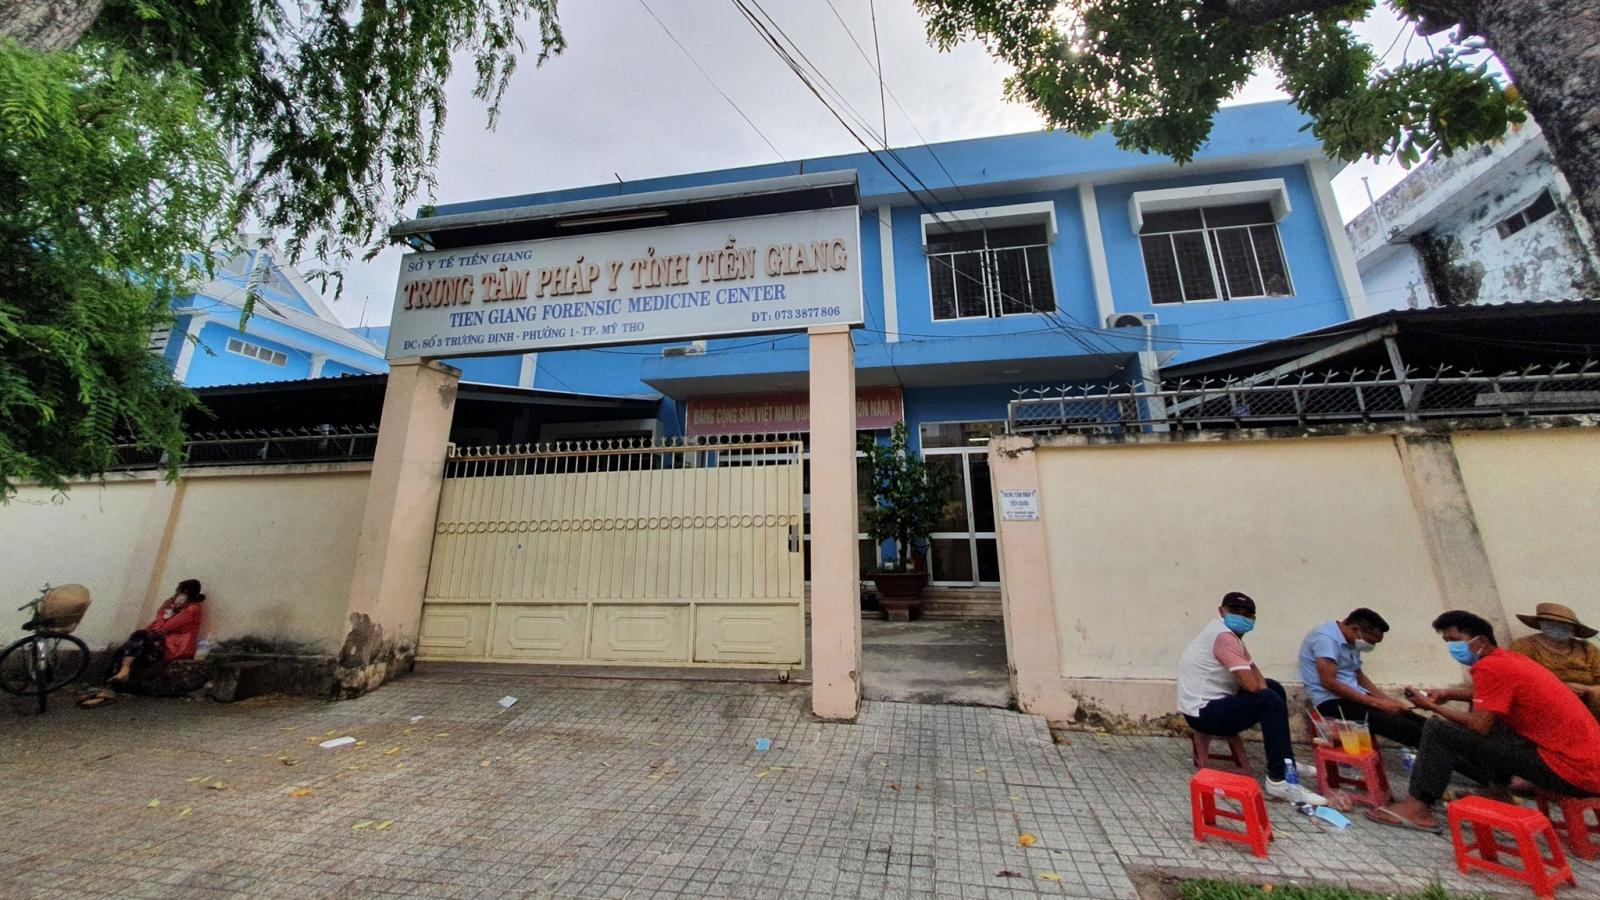 Nóng 24h: Nguyên nhân bị can tử vong tại nhà tạm giữ công an thị xã Gò Công